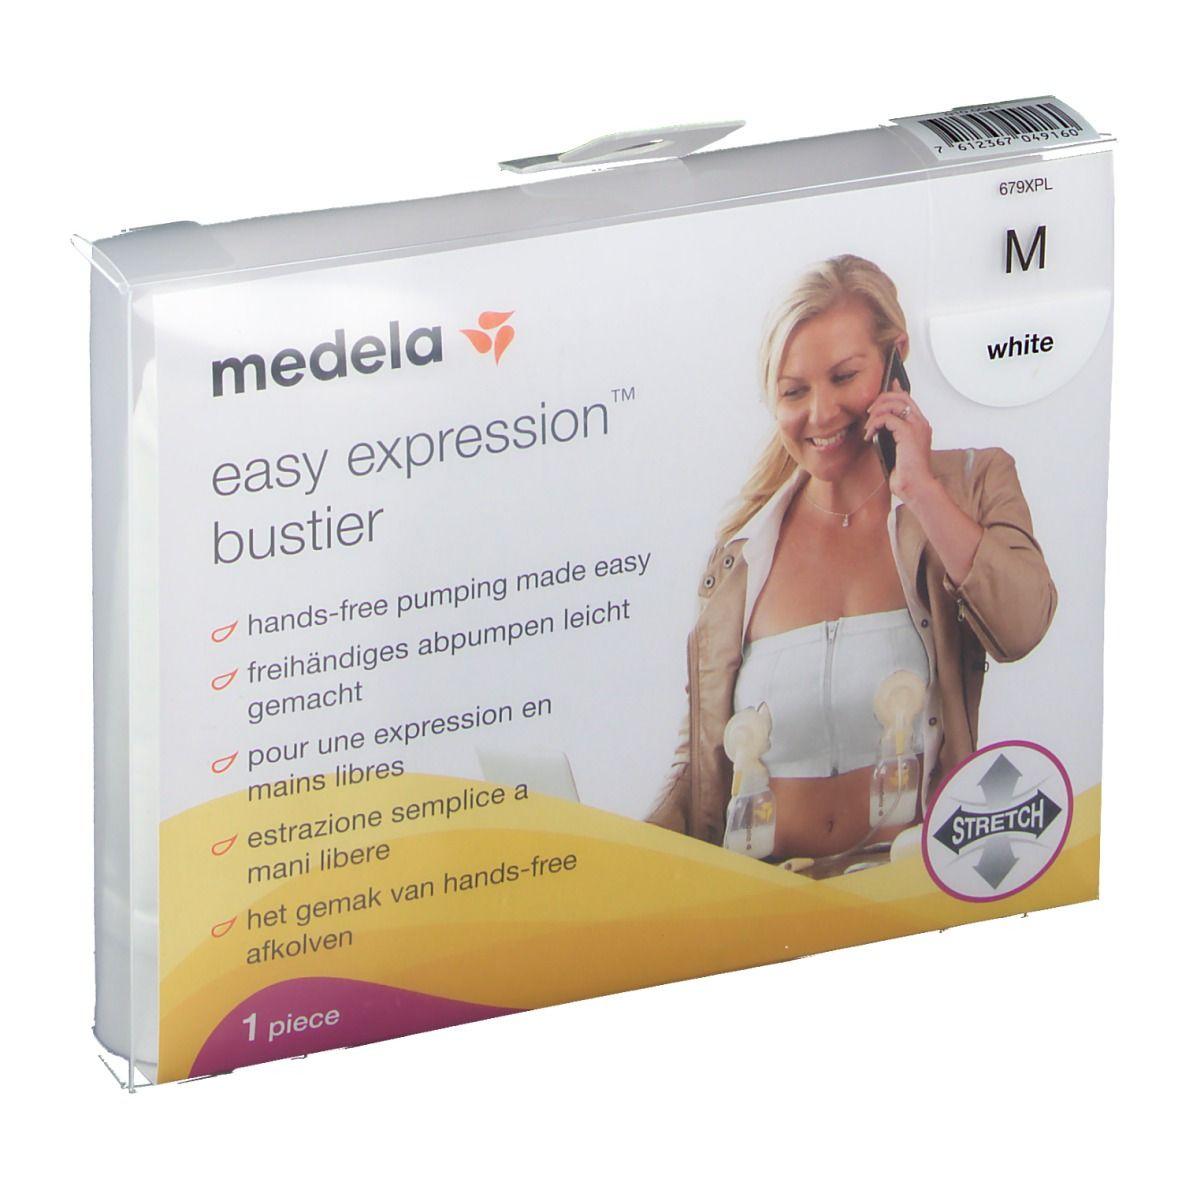 medela easy expression bustier M